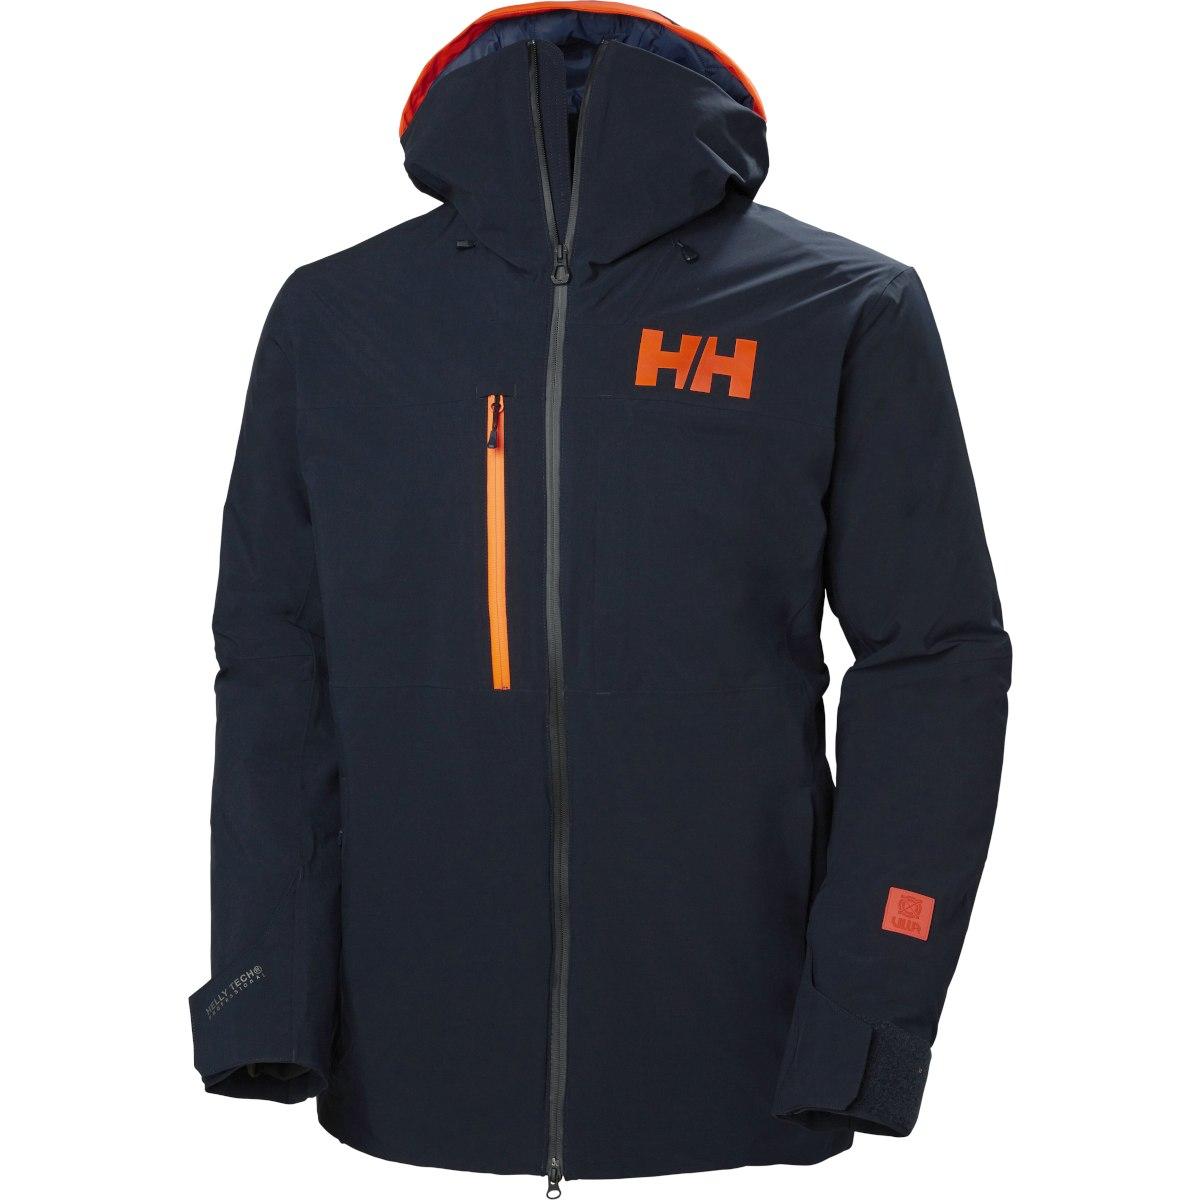 Helly Hansen Firsttrack Lifaloft Jacket - navy